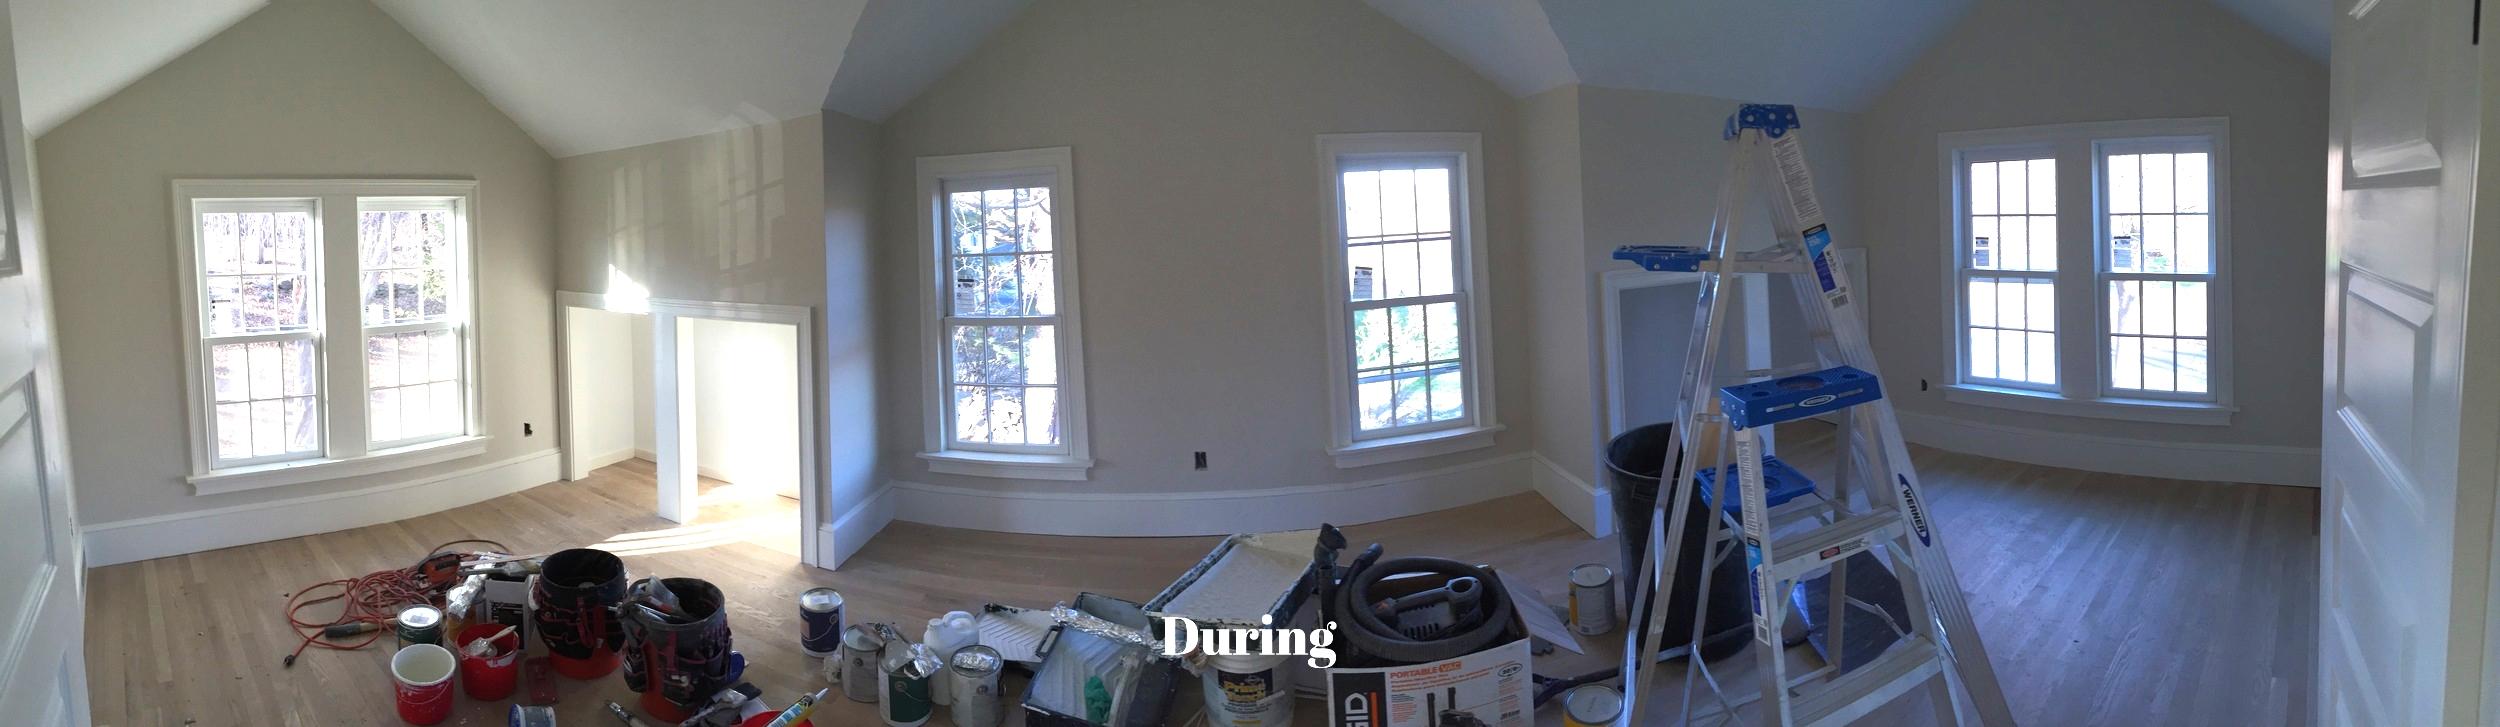 Bedroom During 22.jpg